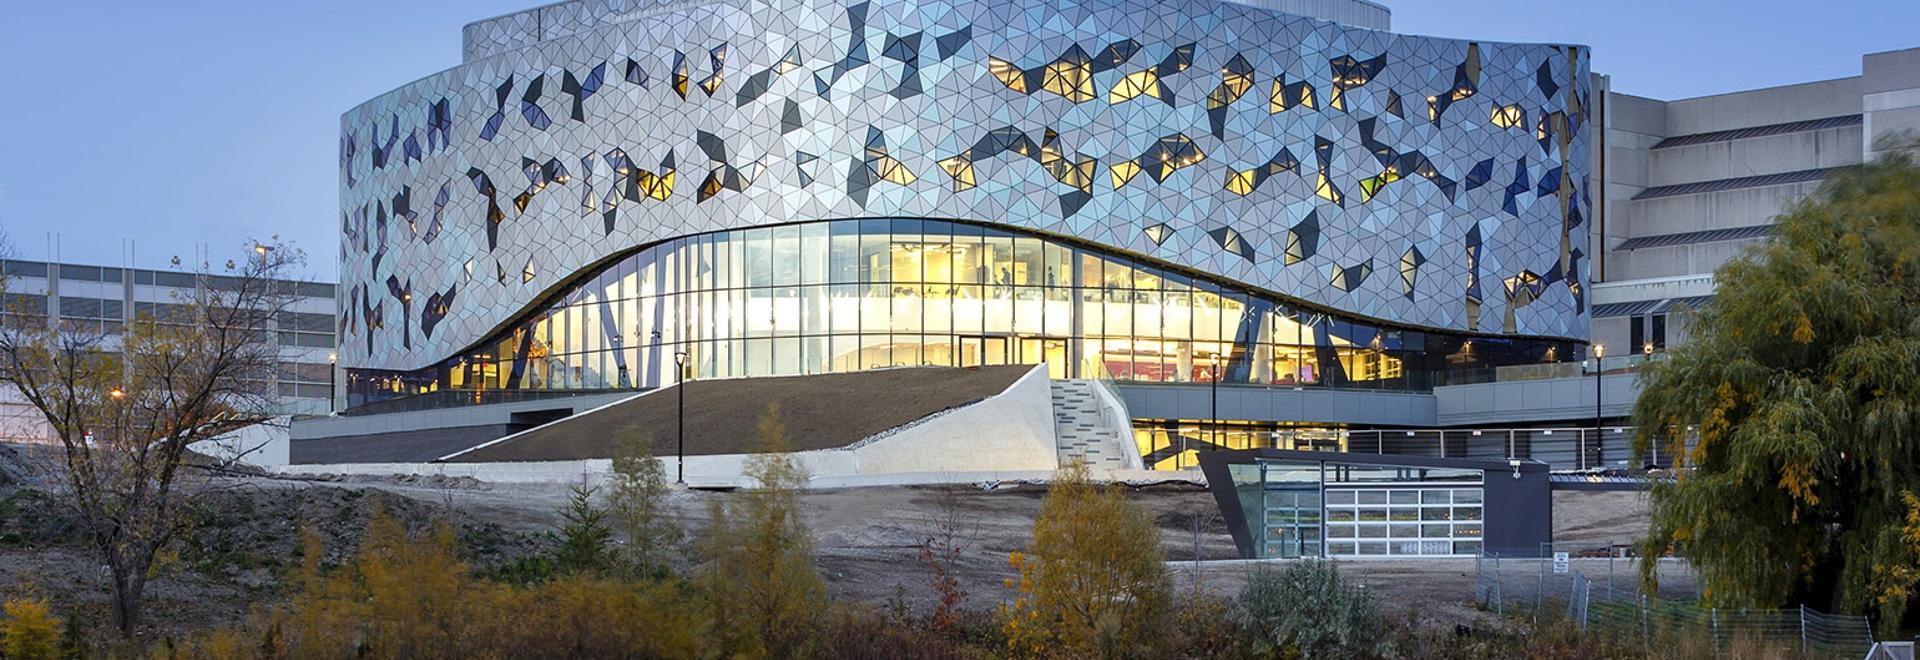 Centro de Bergeron de los arquitectos de ZAS el nuevo para la excelencia de la ingeniería en la universidad de York en las miradas de Toronto para reinventar a los estudiantes de la manera se enseñ...